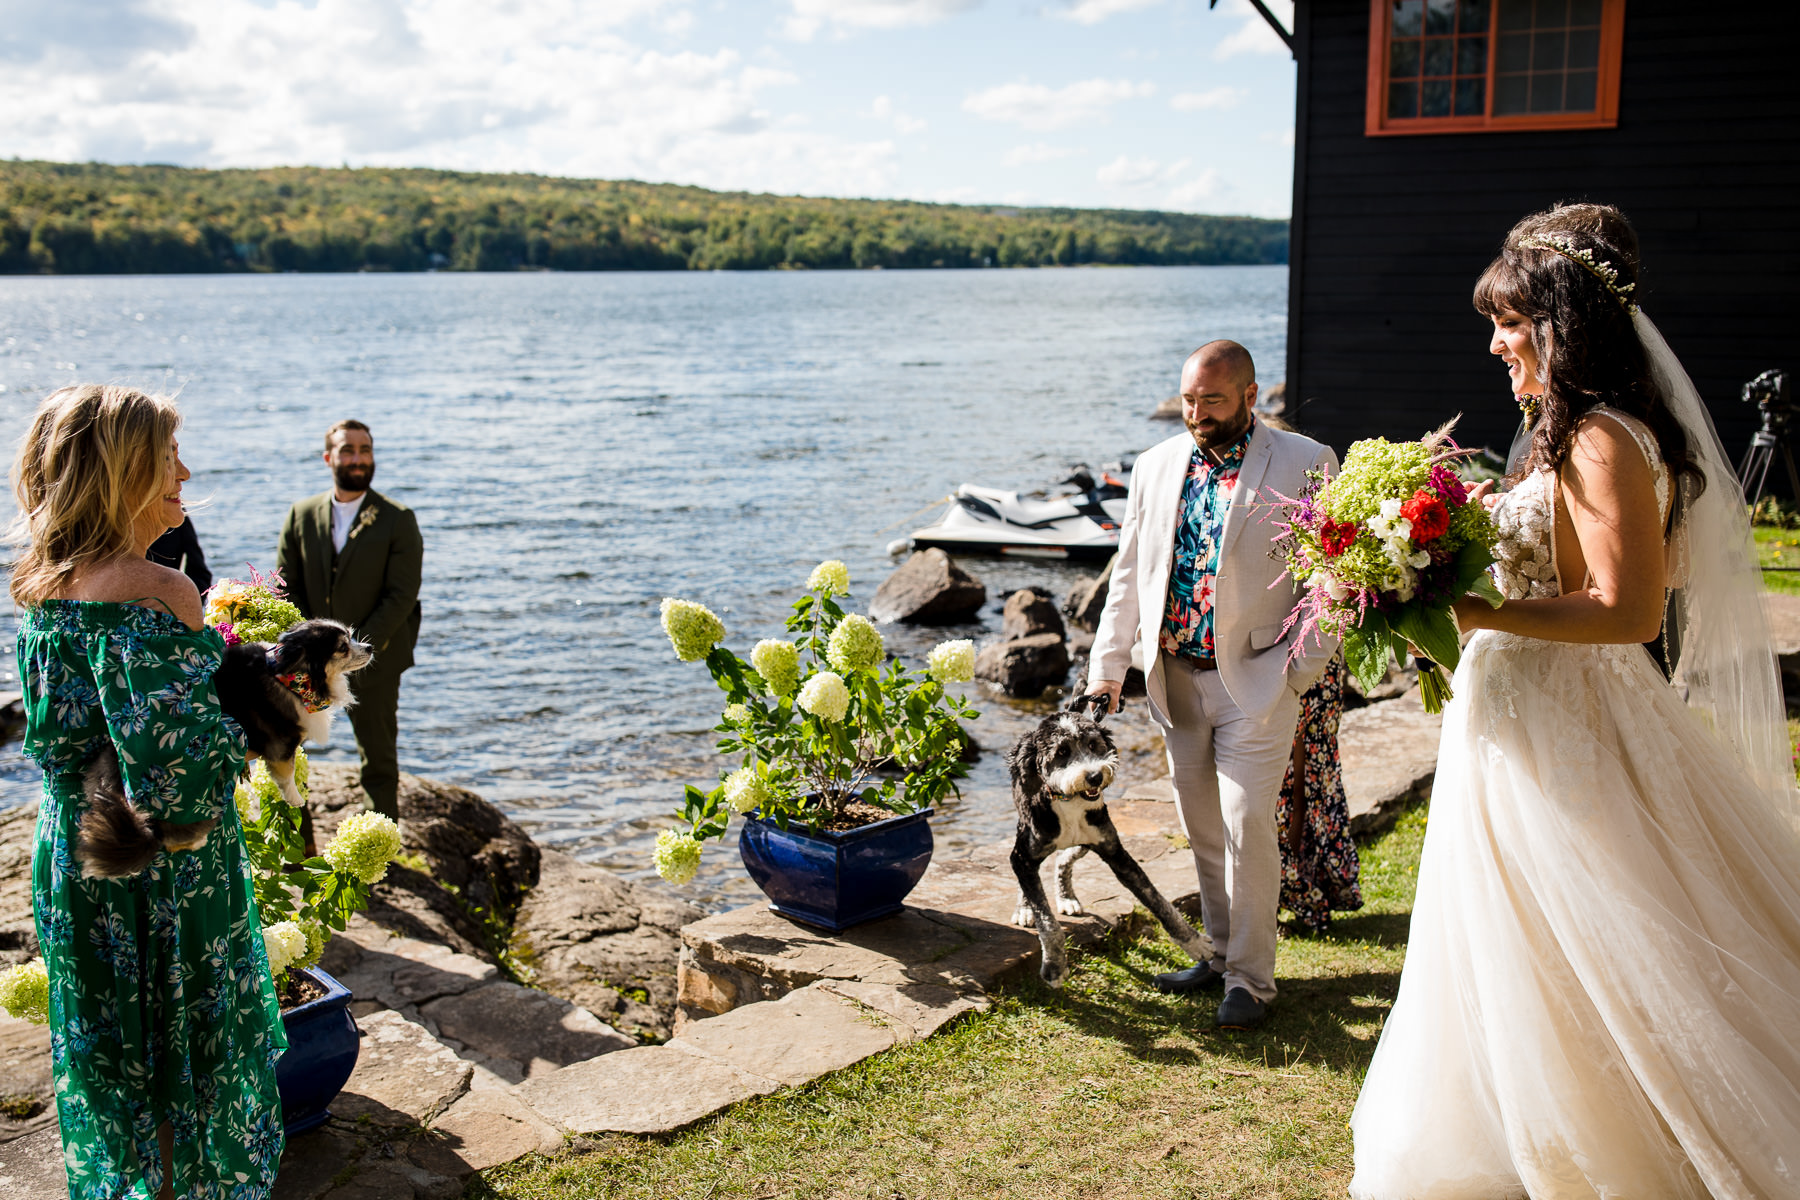 Image de mariage du lac Adirondacks | La mariée arrivant sur le lieu de la cérémonie de mariage en plein air